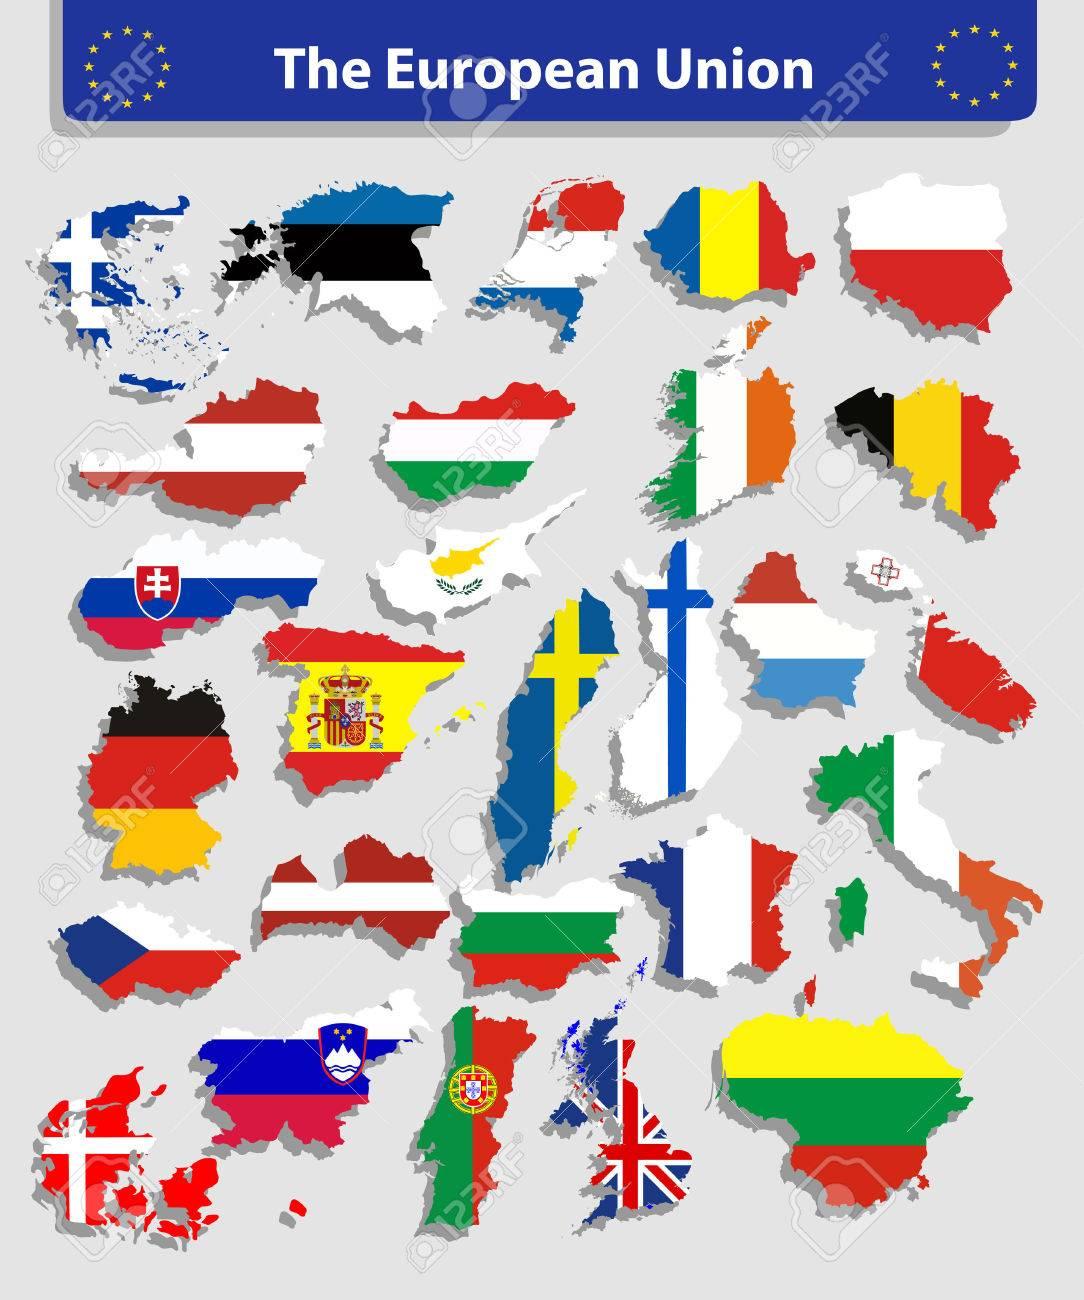 La Carte De L'union Européenne Et Tous Les Pays Drapeaux Des Pays Membres  De L'union Européenne Superposées Sur Fond De Carte tout La Carte De L Union Européenne